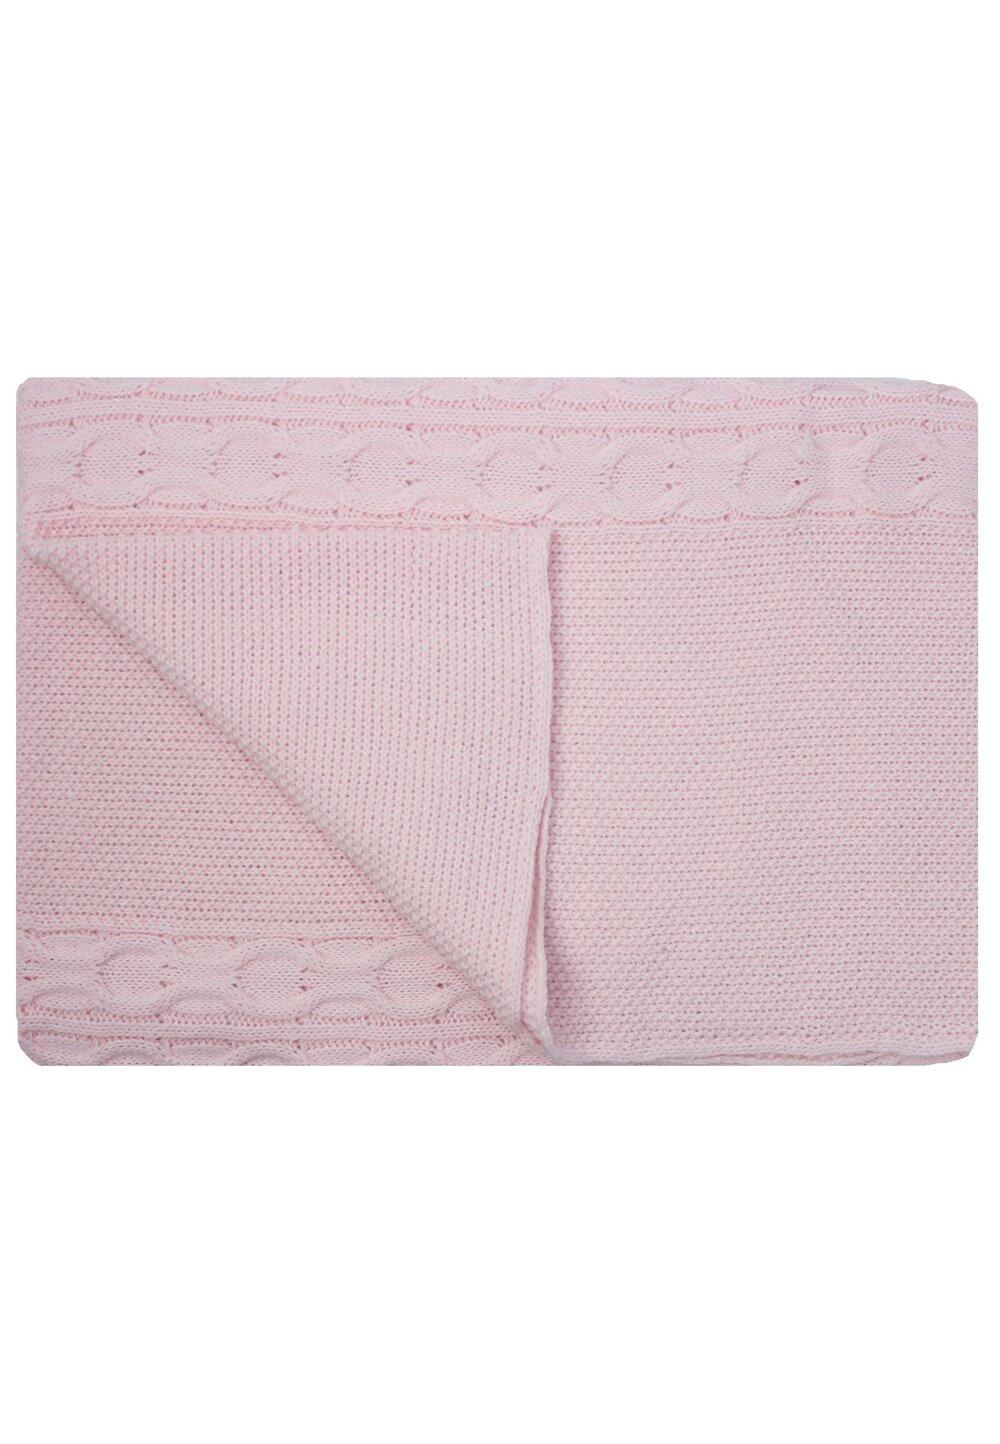 Paturica tricotata, Eva, roz, 90x90cm imagine